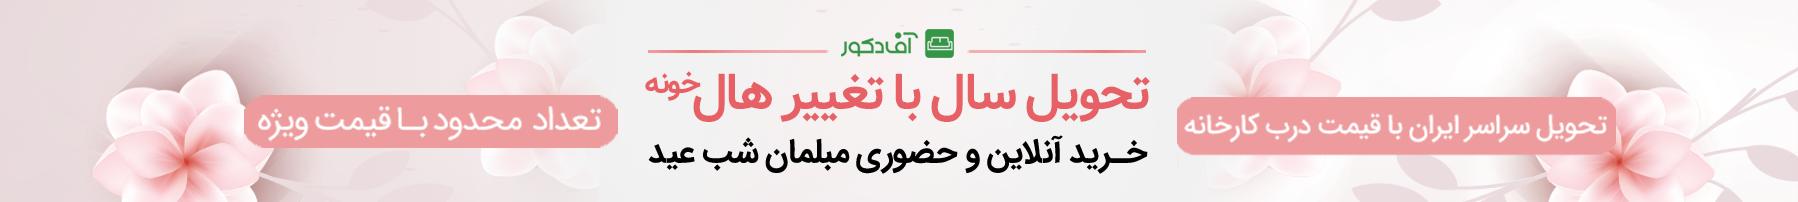 کمپین شب عید آف دکور